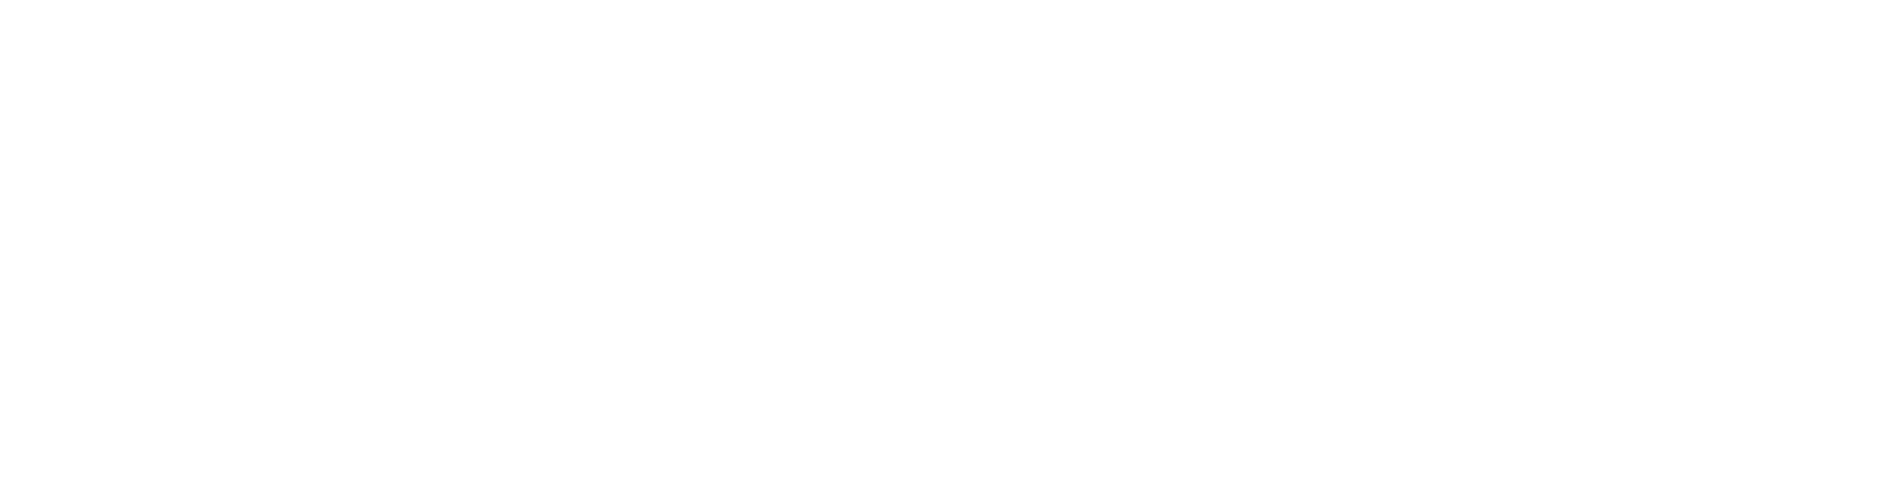 1 Logo blanco.png